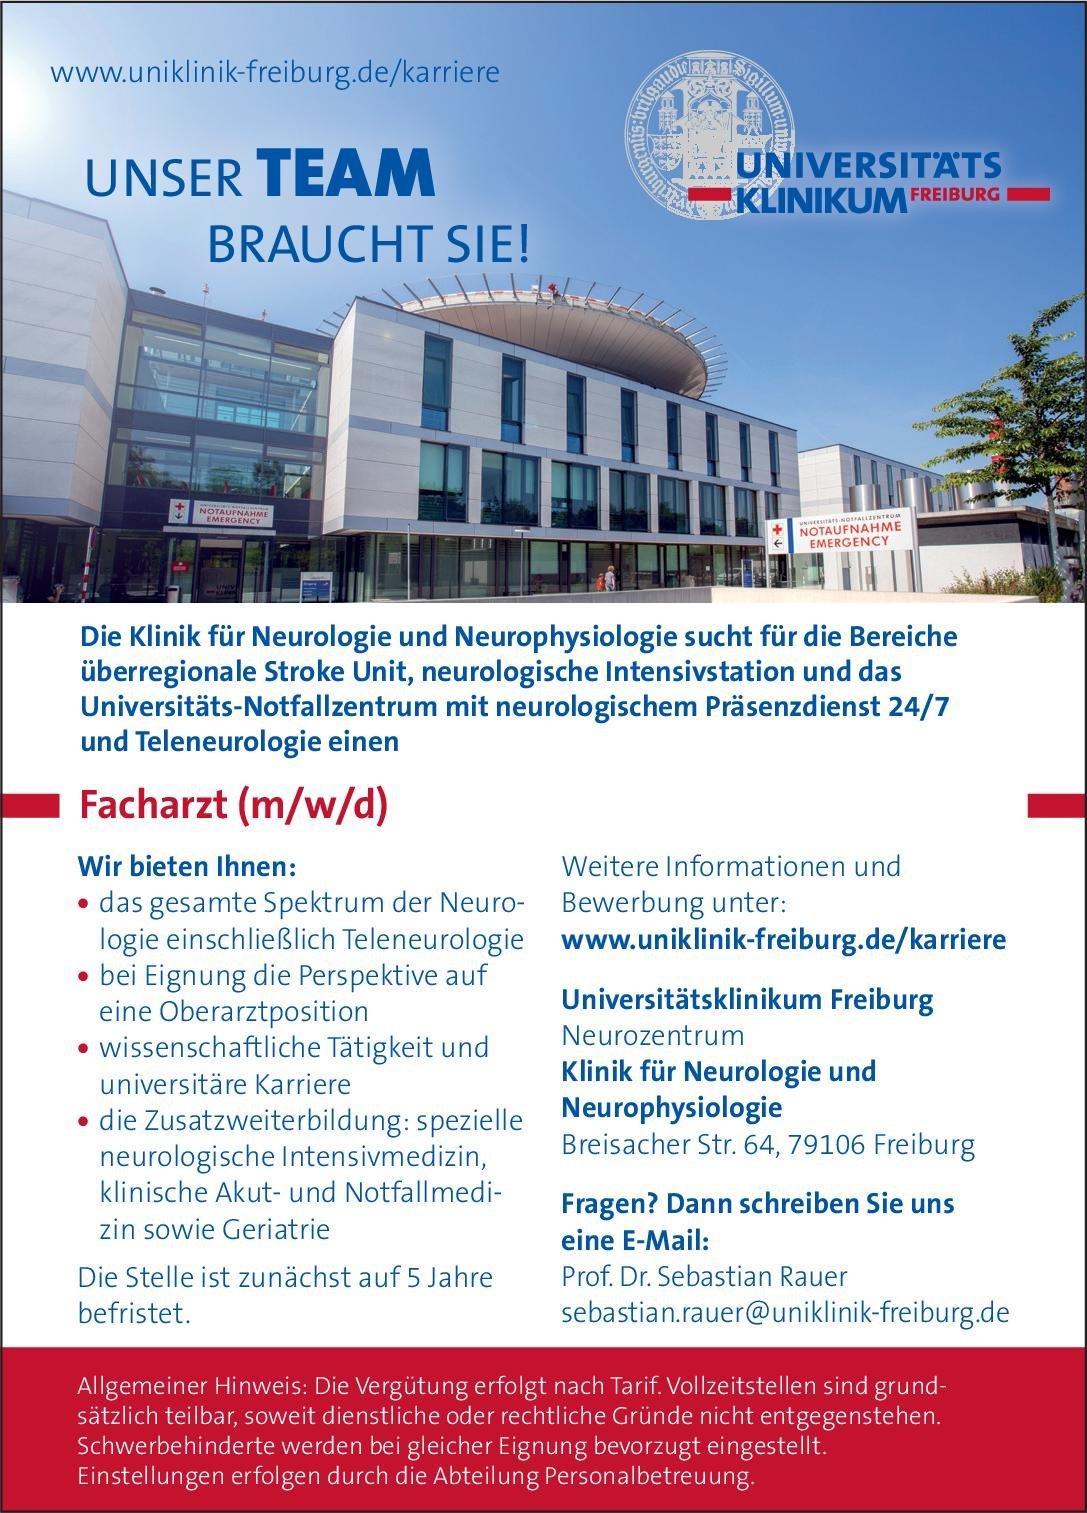 Universitätsklinikum Freiburg Facharzt (m/w/d) für Neurologie und Neurophysiologie Neurologie Arzt / Facharzt